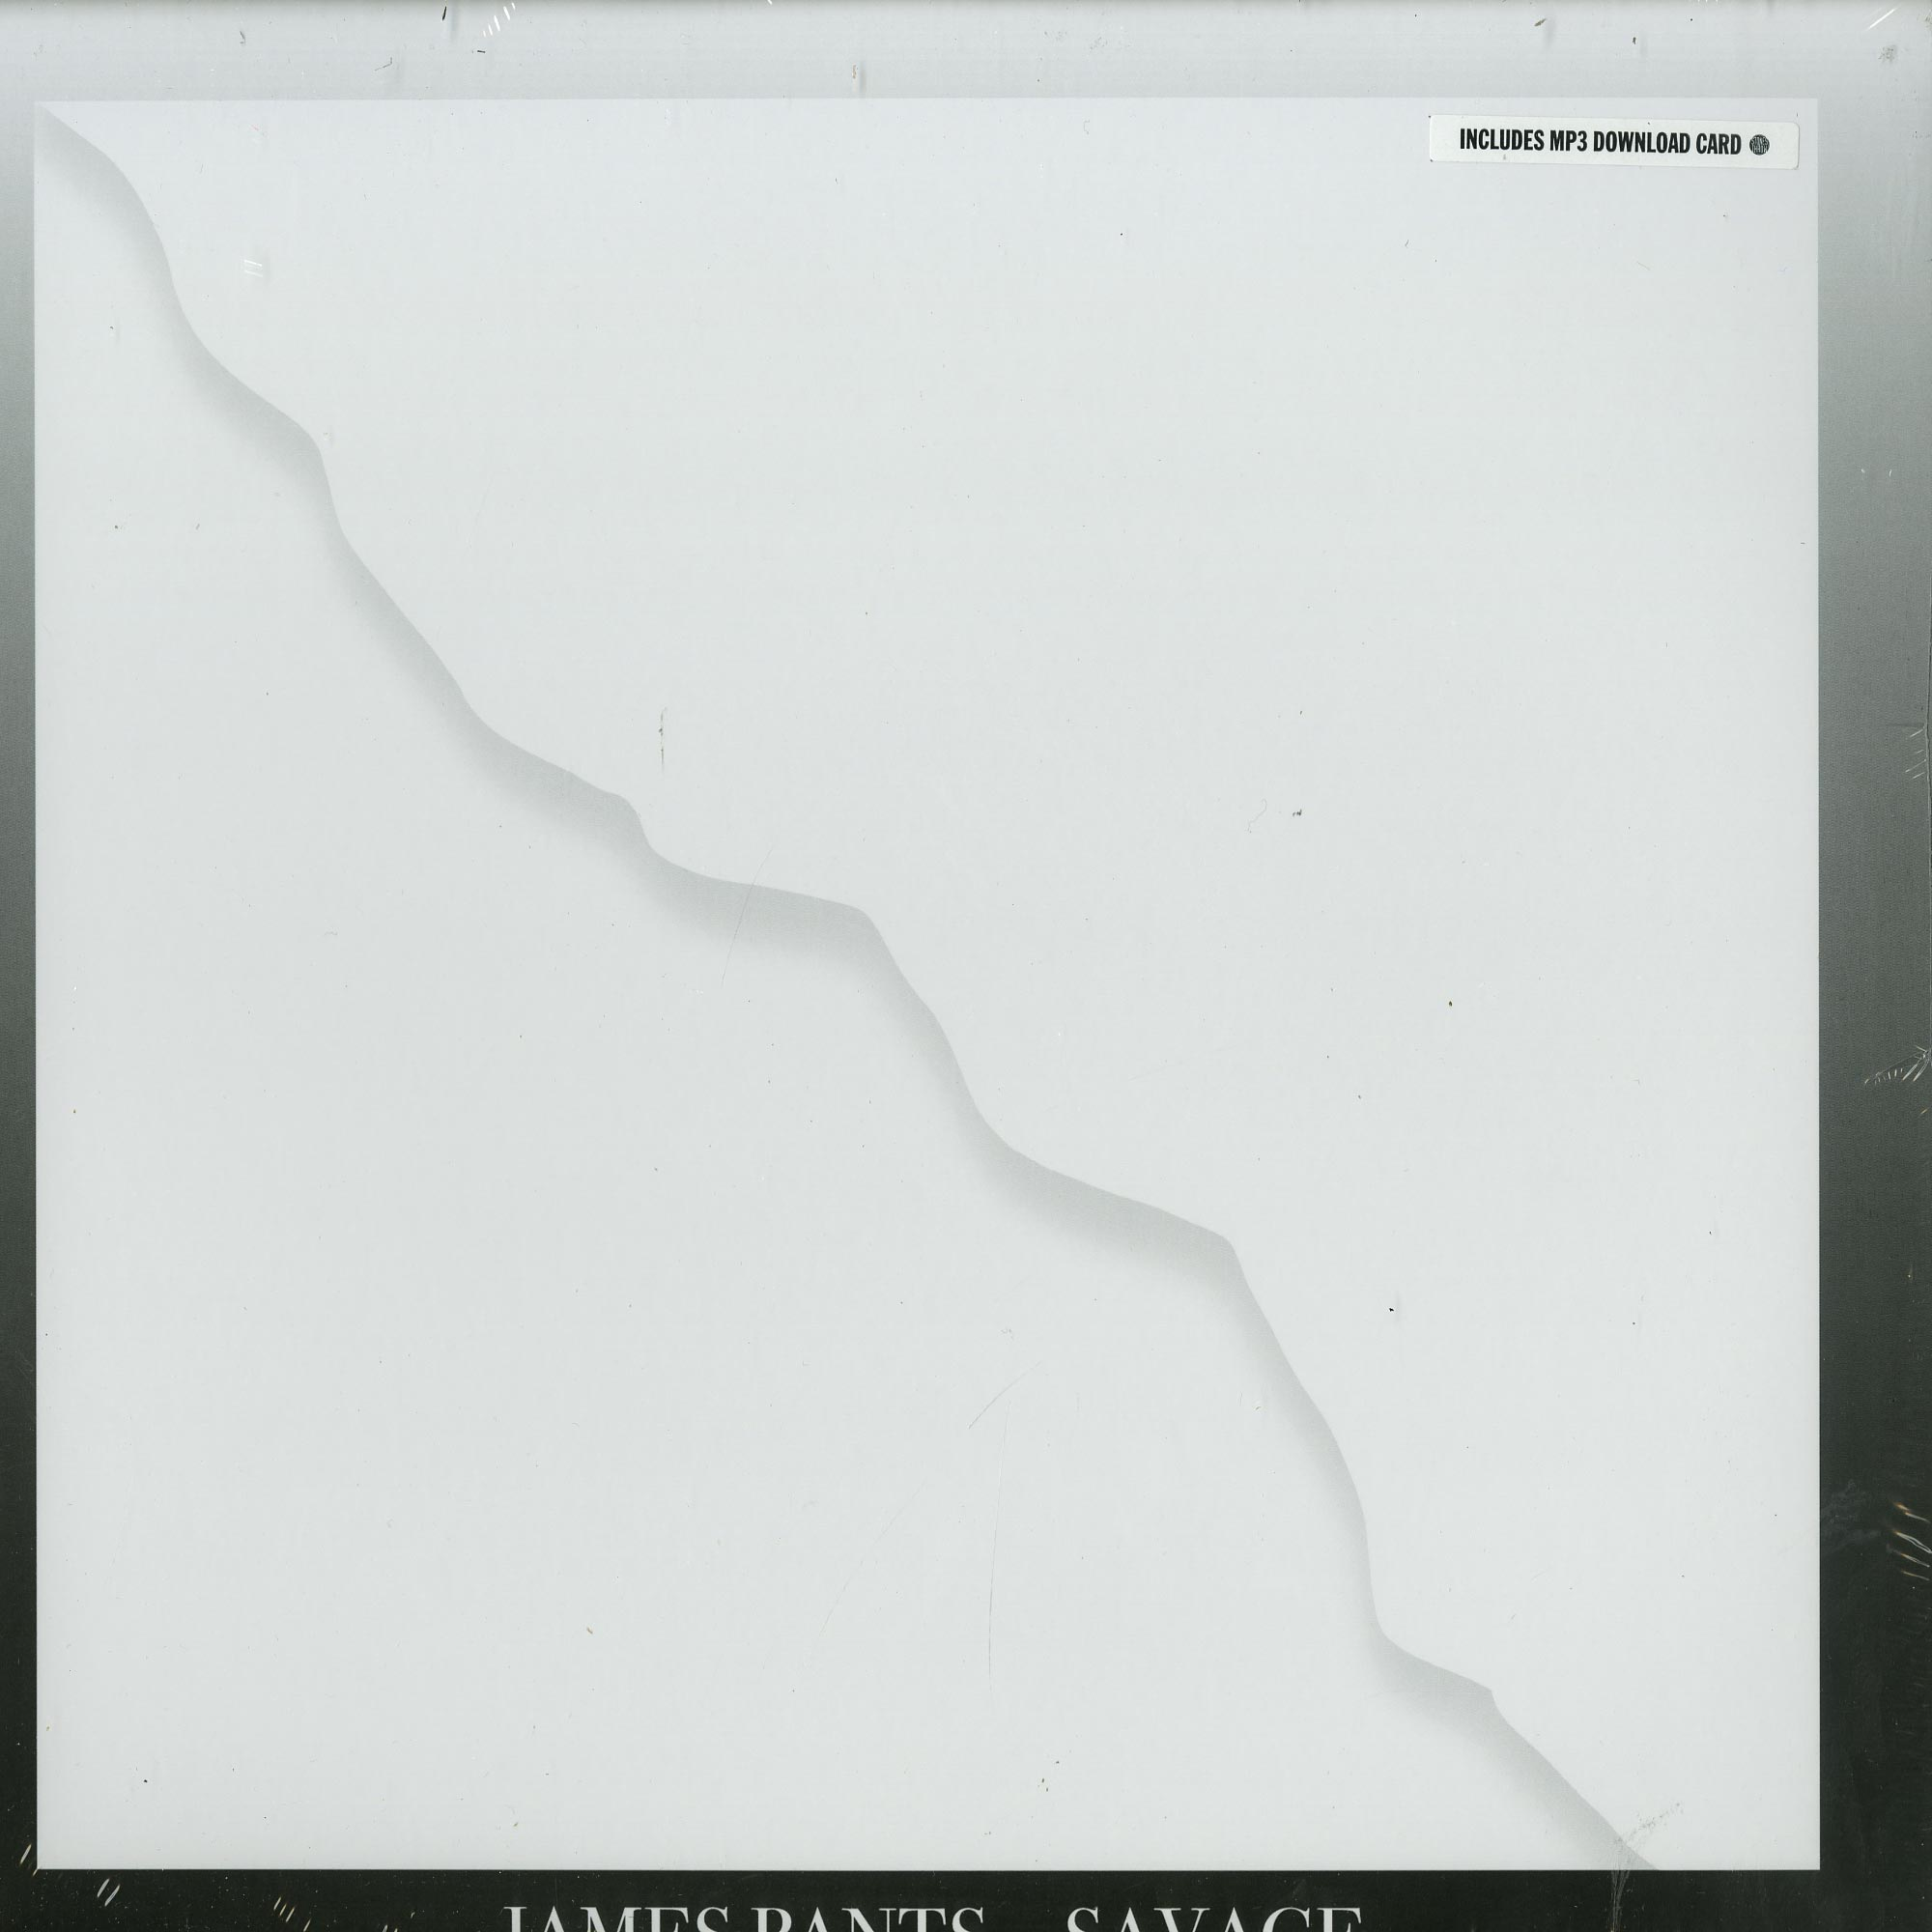 James Pants - SAVAGE